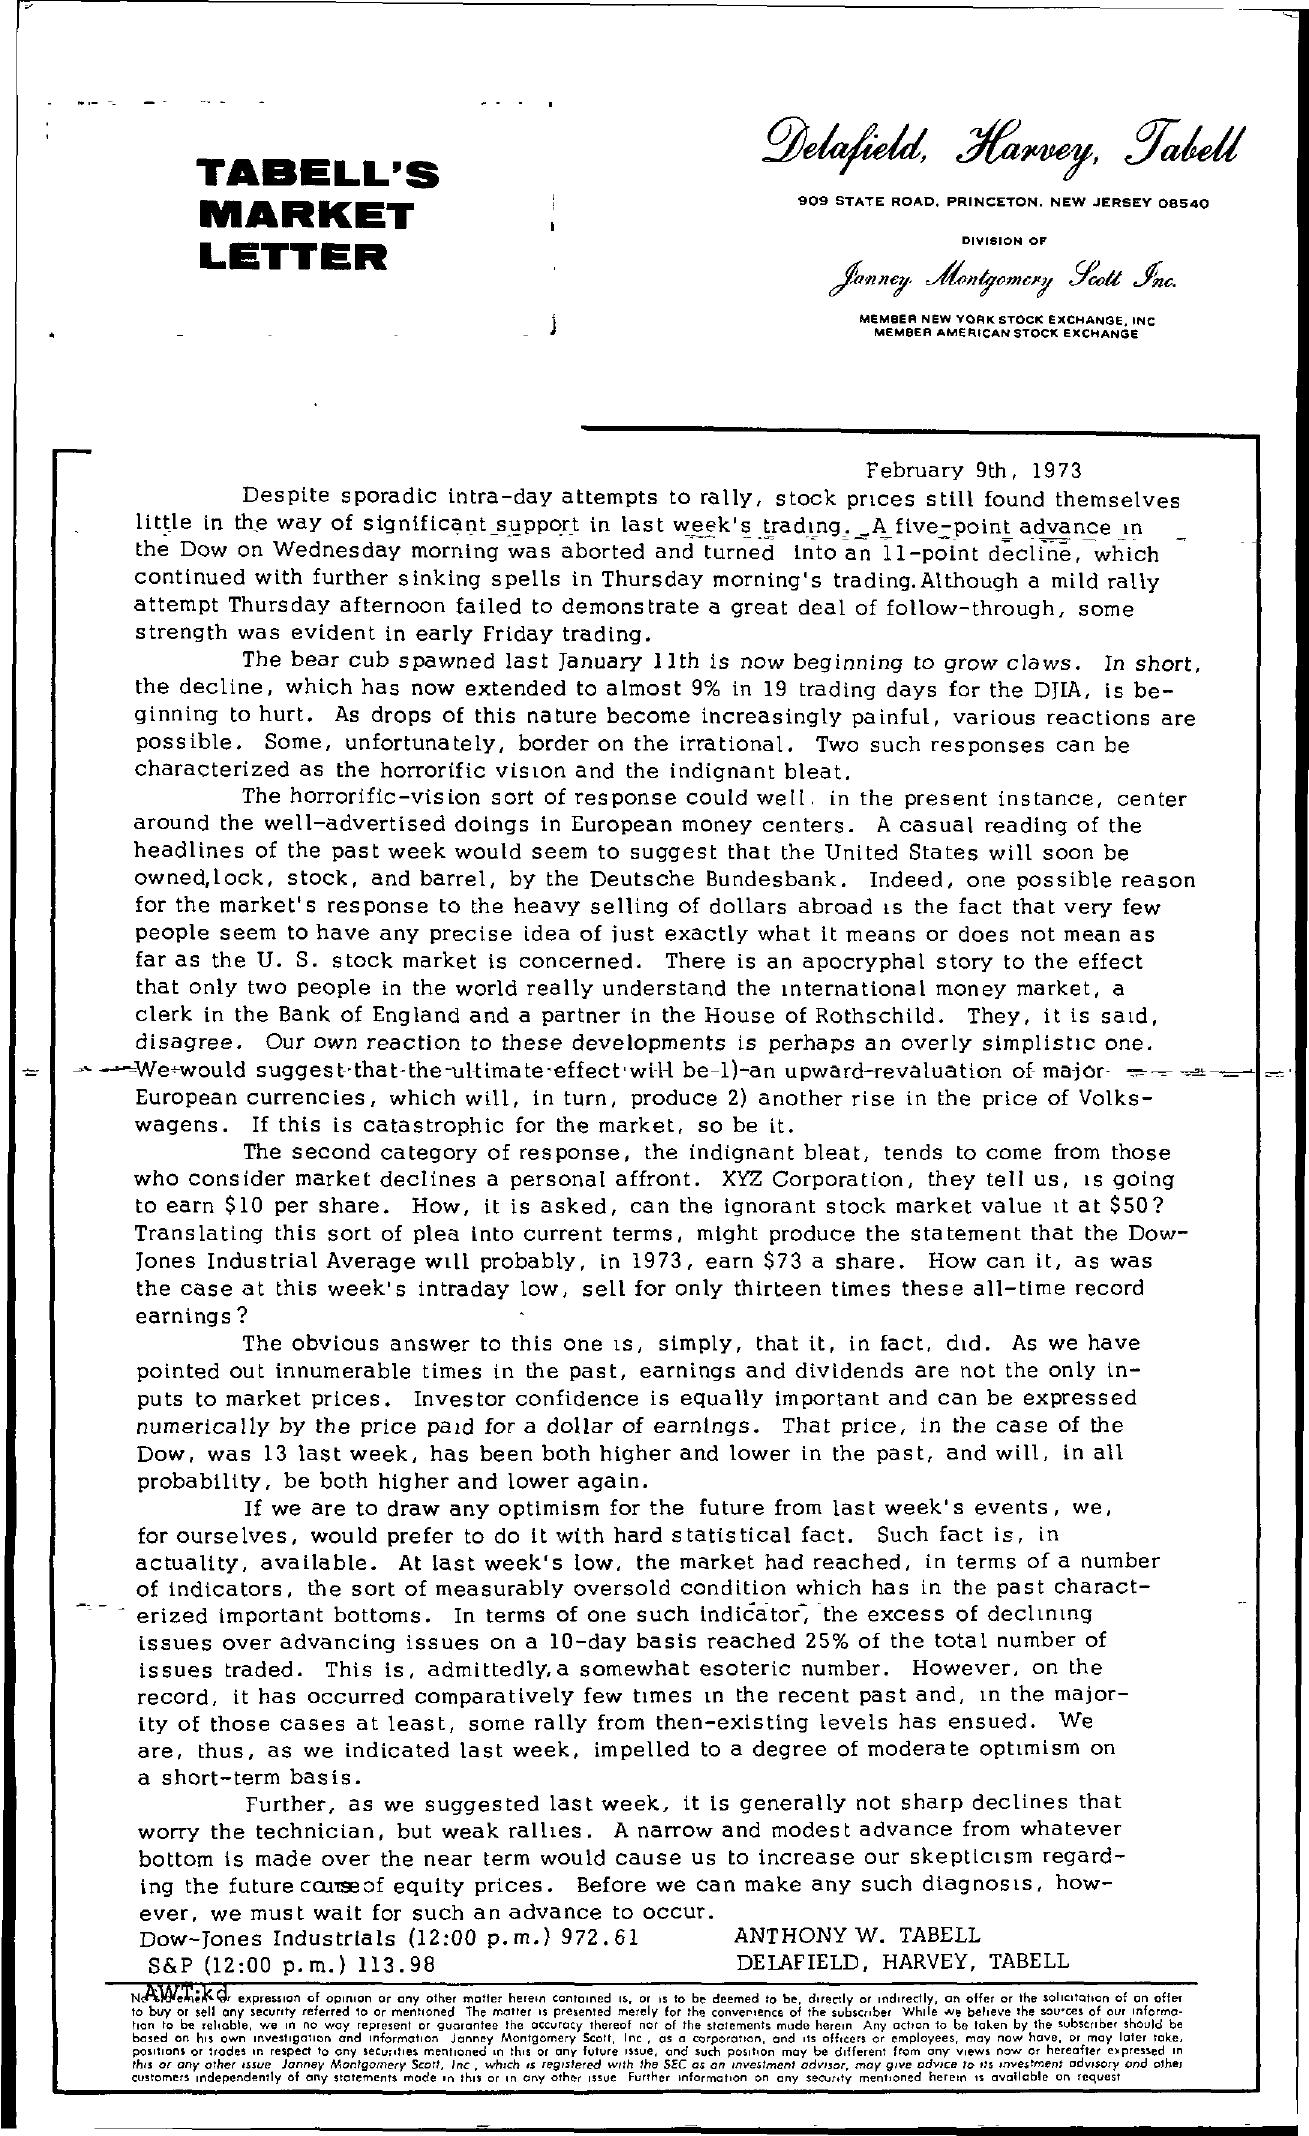 Tabell's Market Letter - February 09, 1973